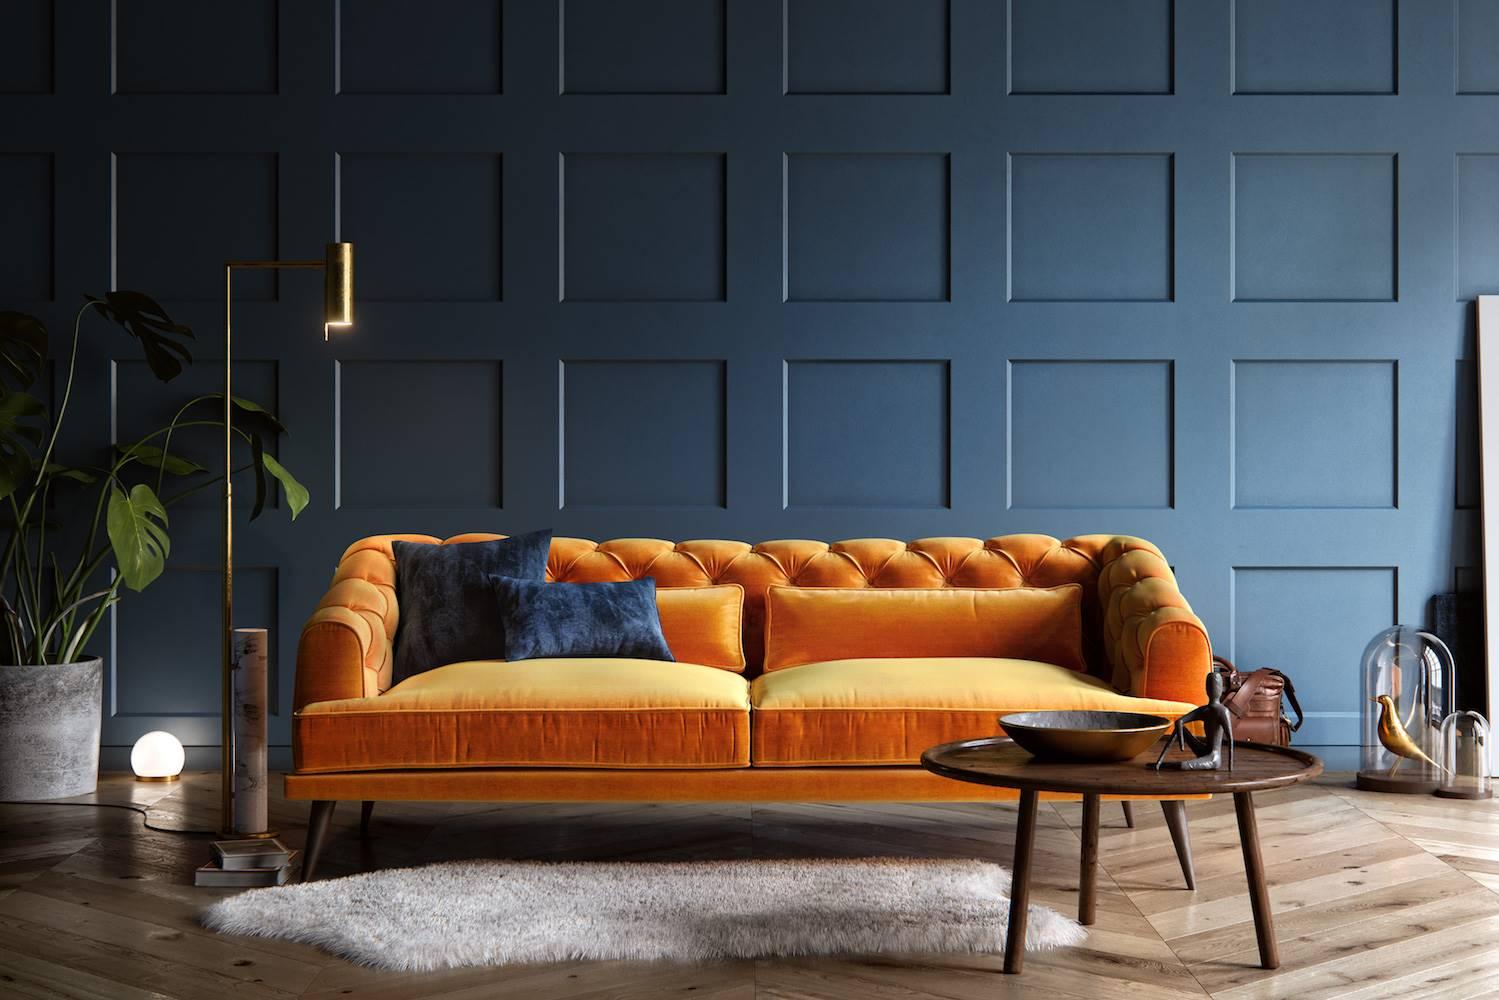 Tendencias de color para decoración de interiores 2020